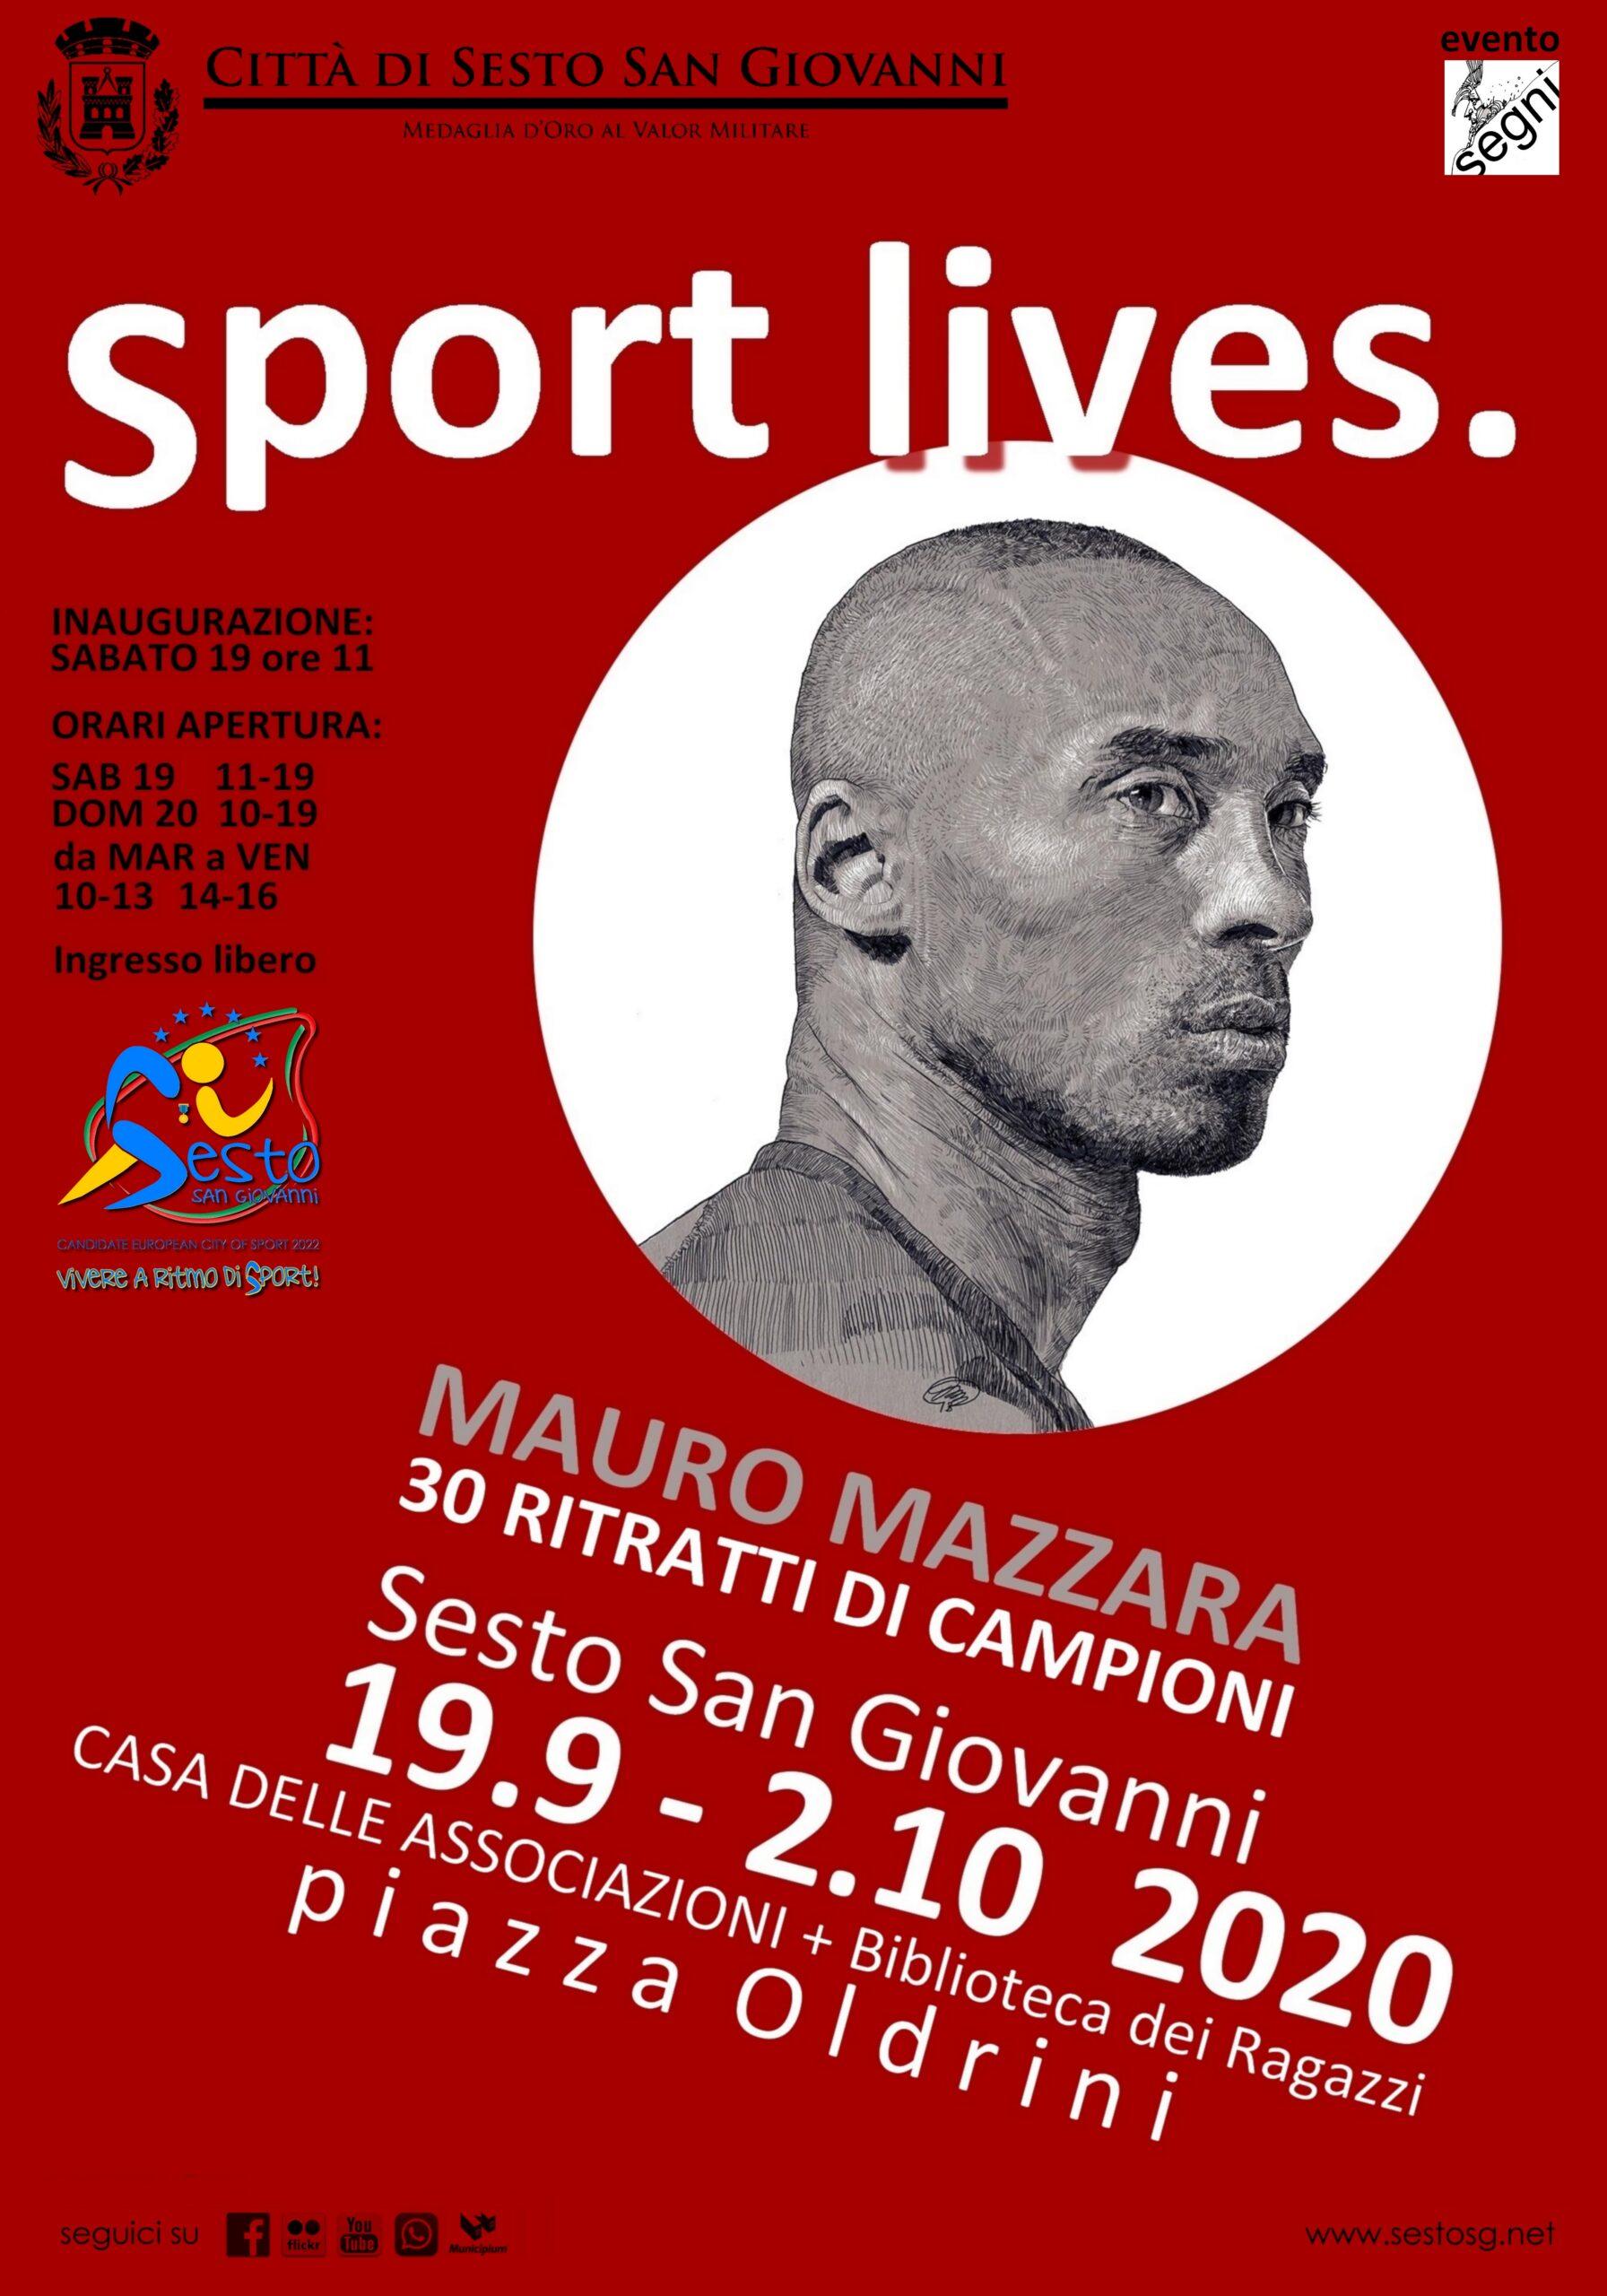 Sport lives.